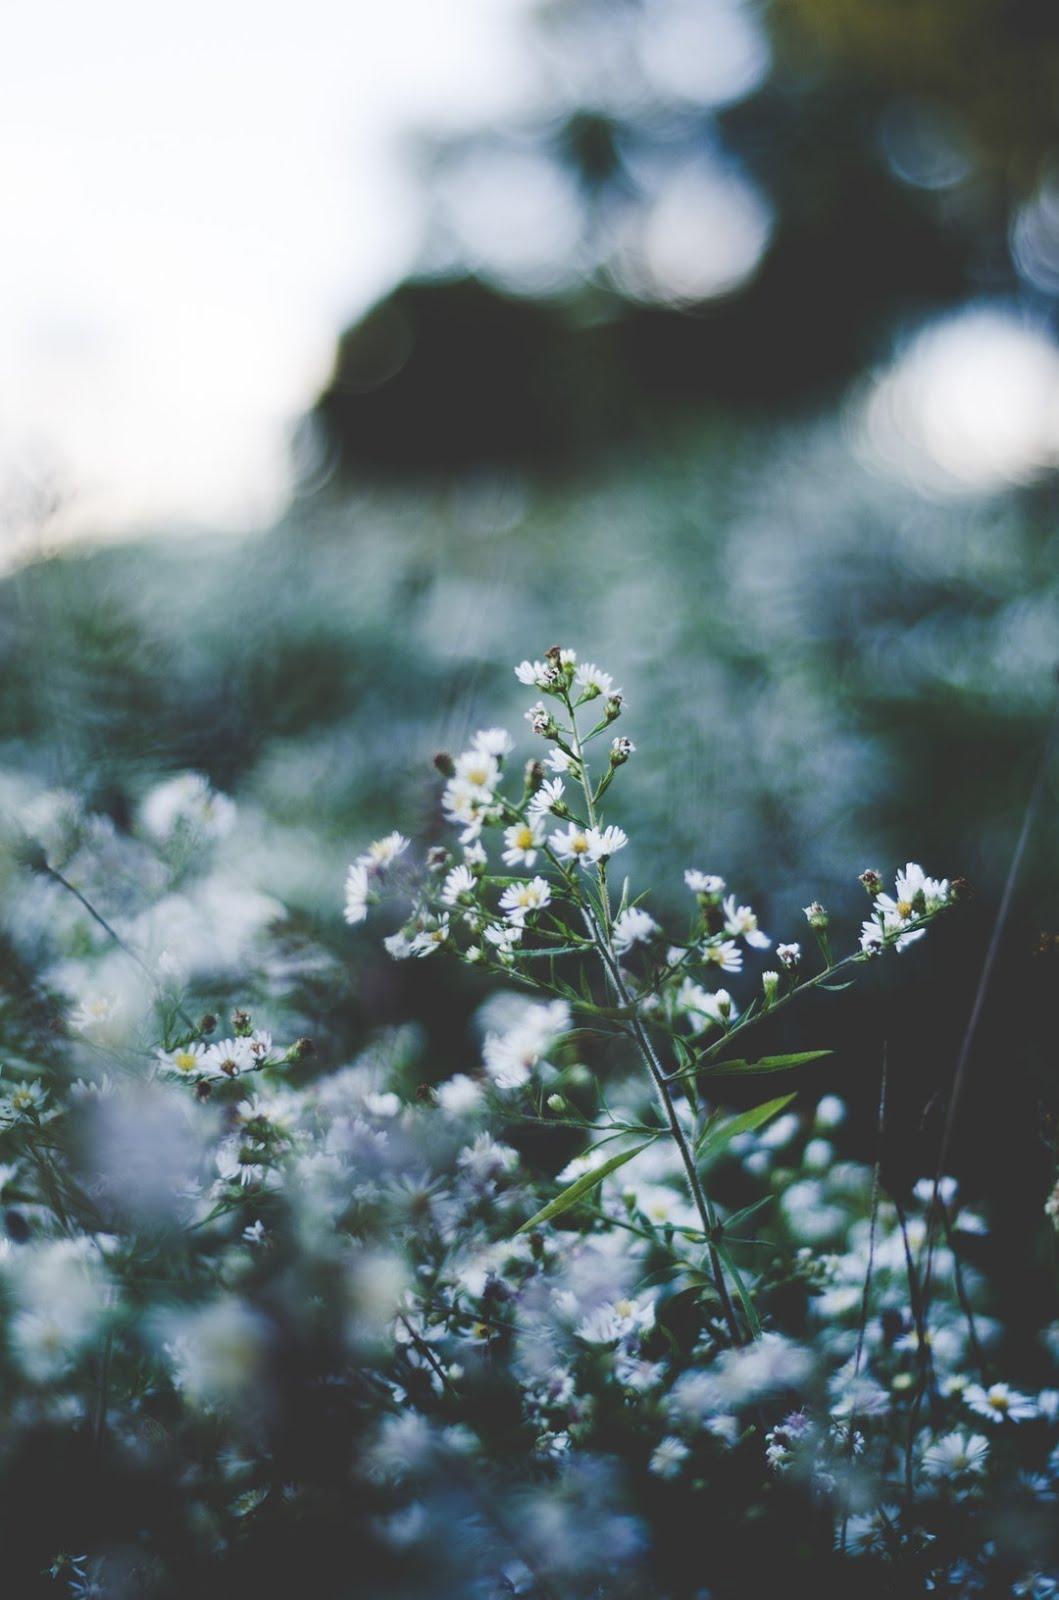 ازهار الربيع الزرقاء الساحرة خلفيات ايفون 6s عالية الجودة